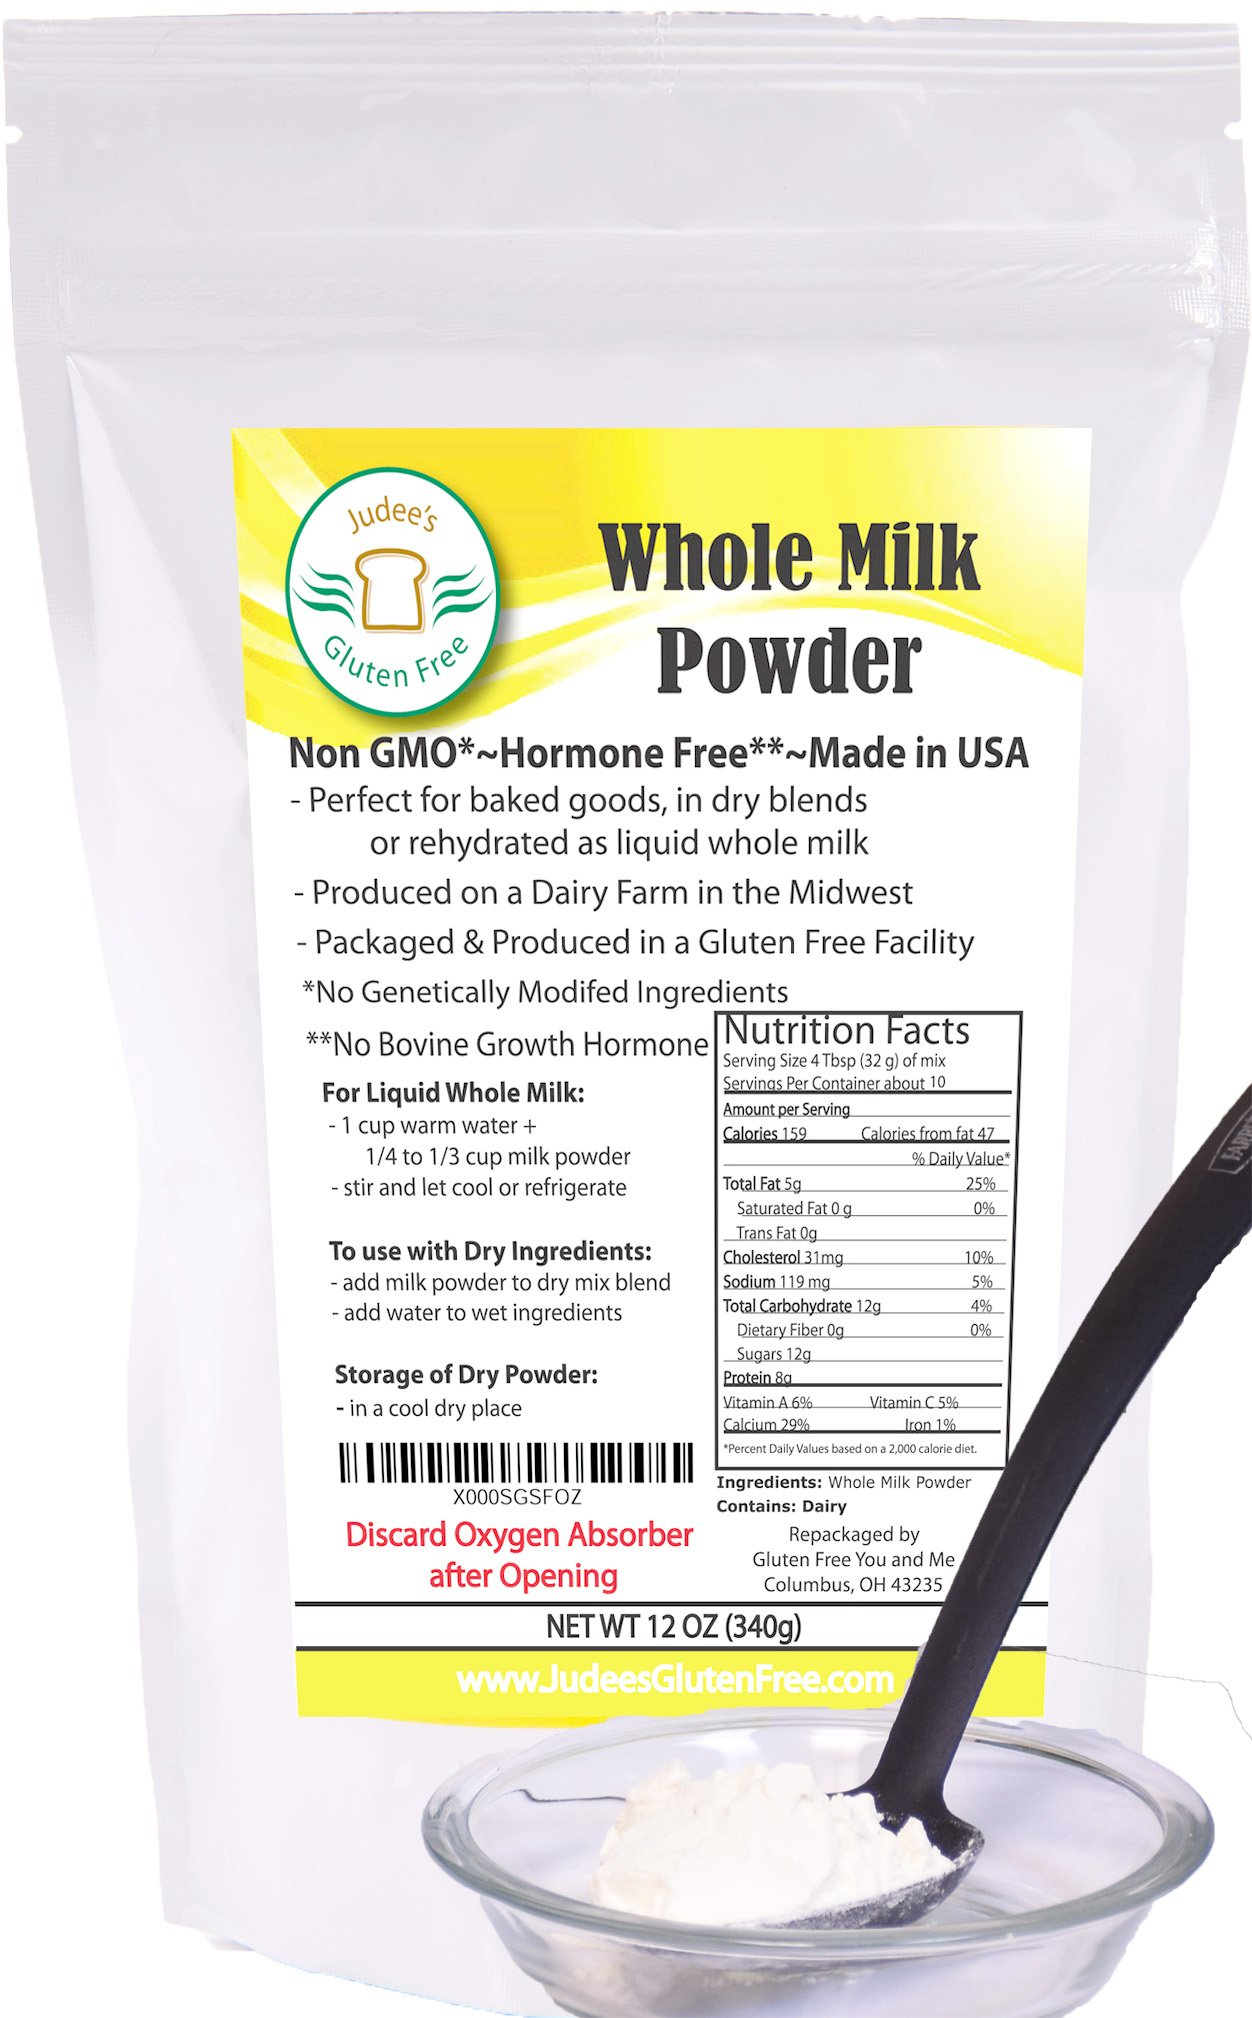 Whole Milk Powder (12 Oz): Non-GMO, Hormone Free and Produced in USA